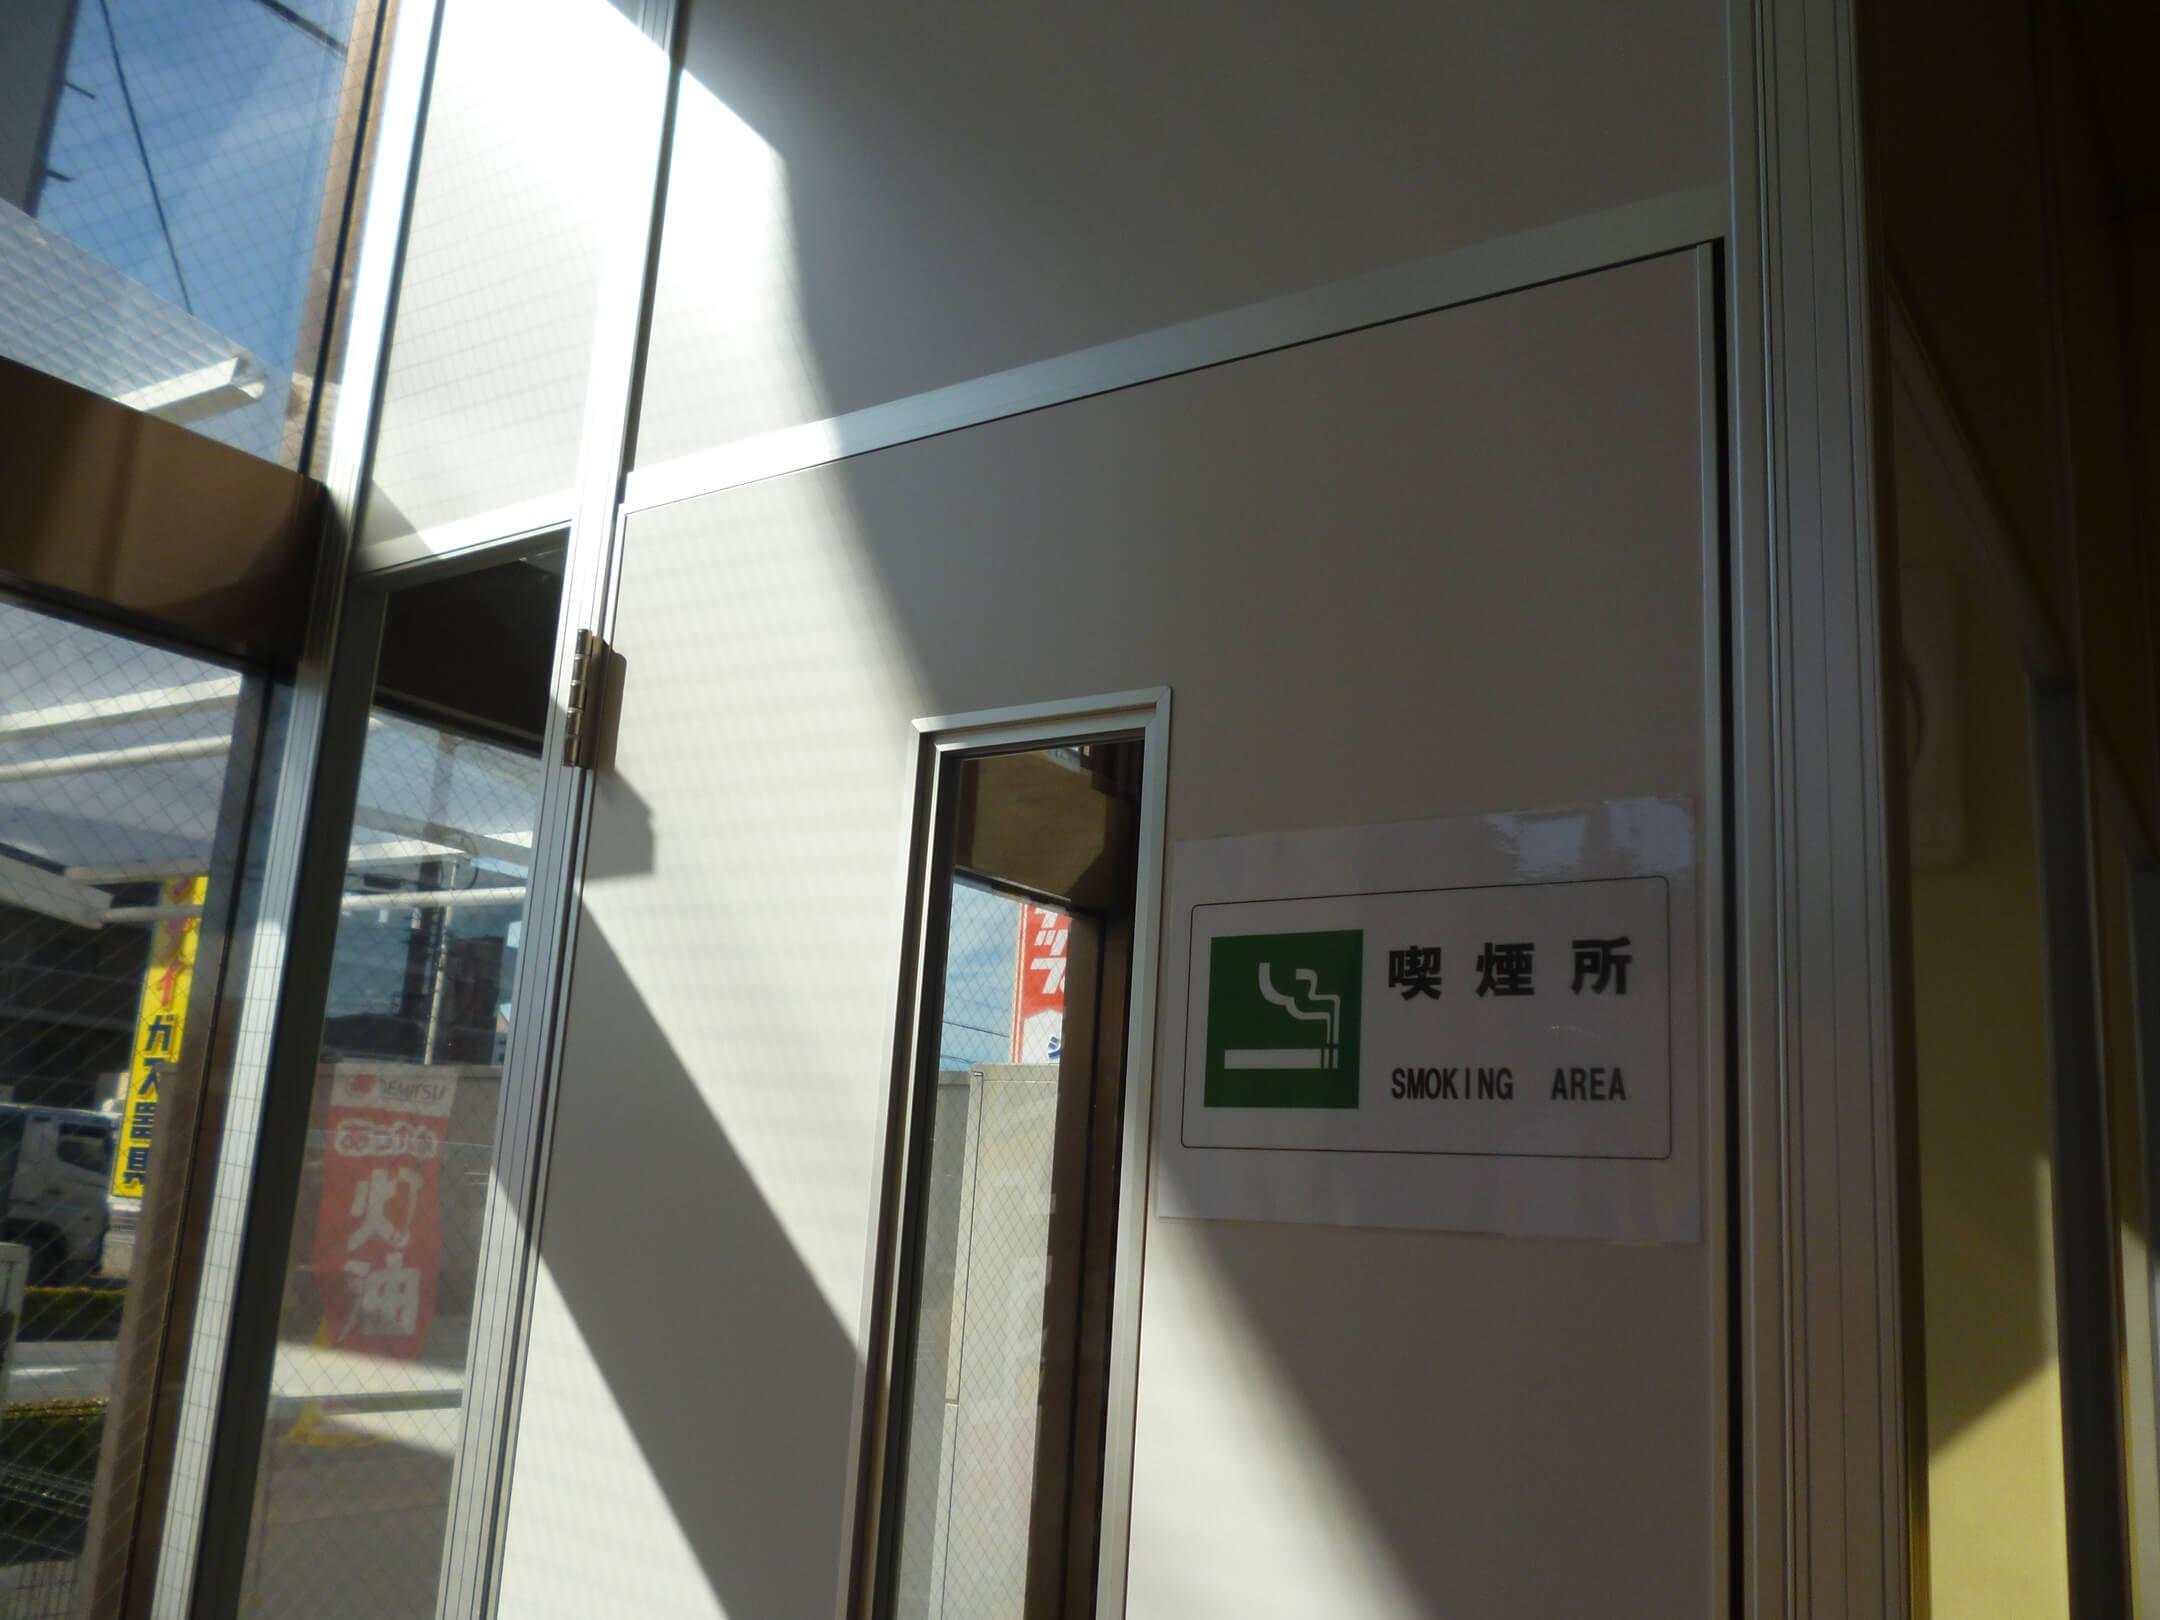 【喫煙所設置工事】㈱エネチタ 長浦インターSS